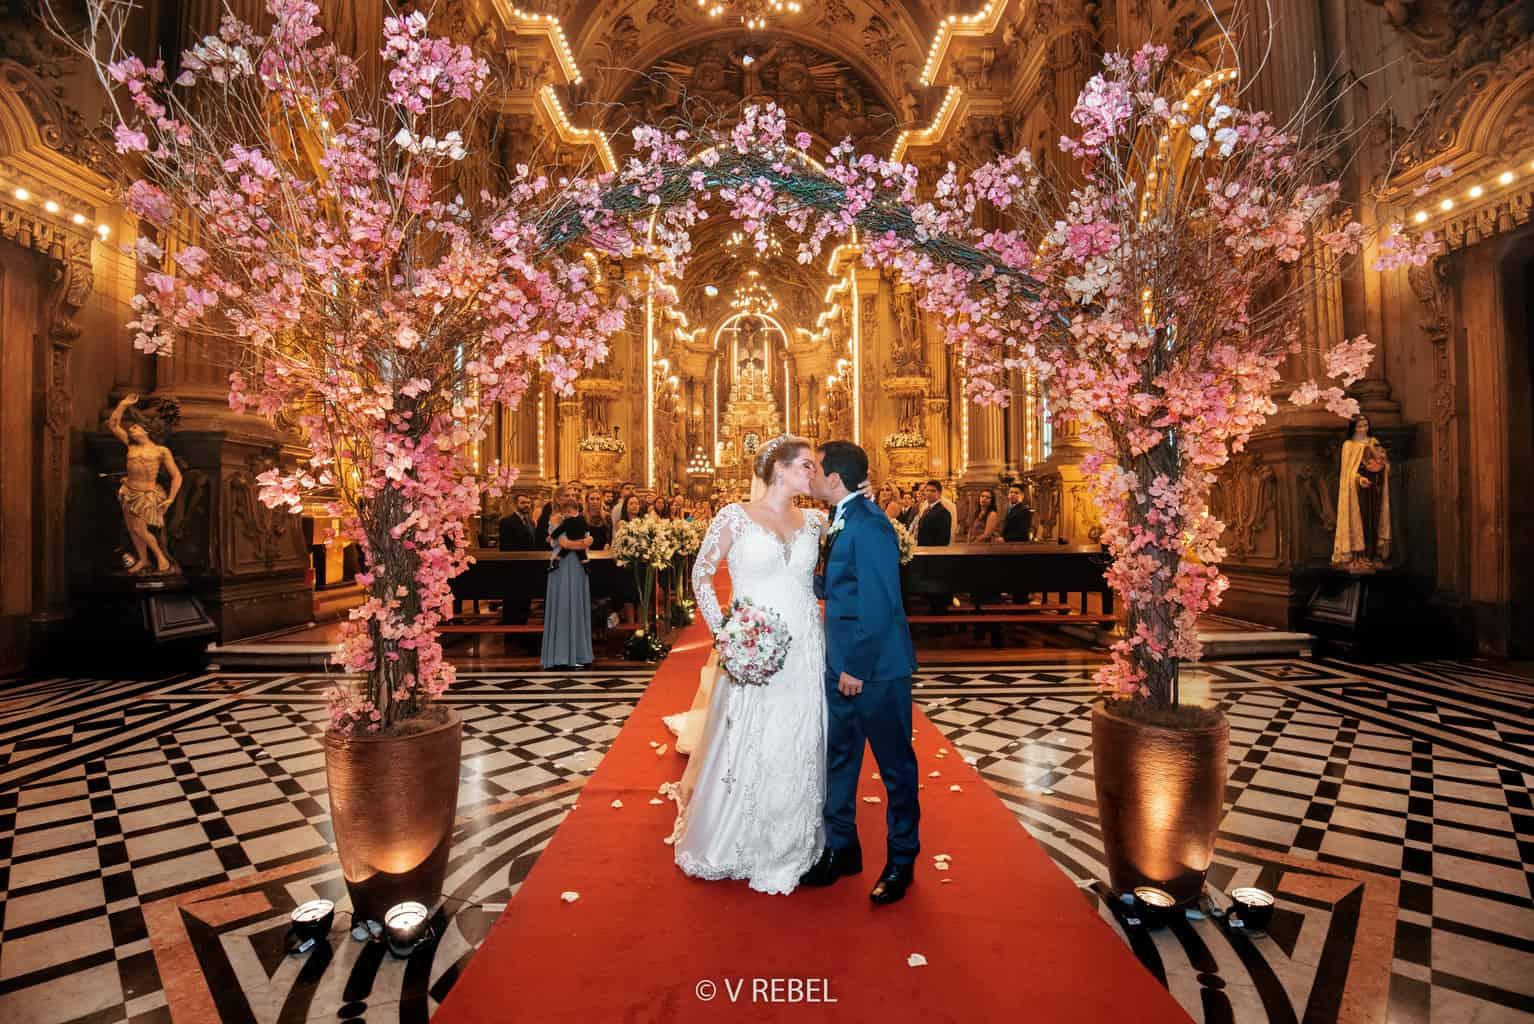 casamento-Caroline-e-Breno-casamento-clássico-cerimonia-na-igreja-fotografia-VRebel-1